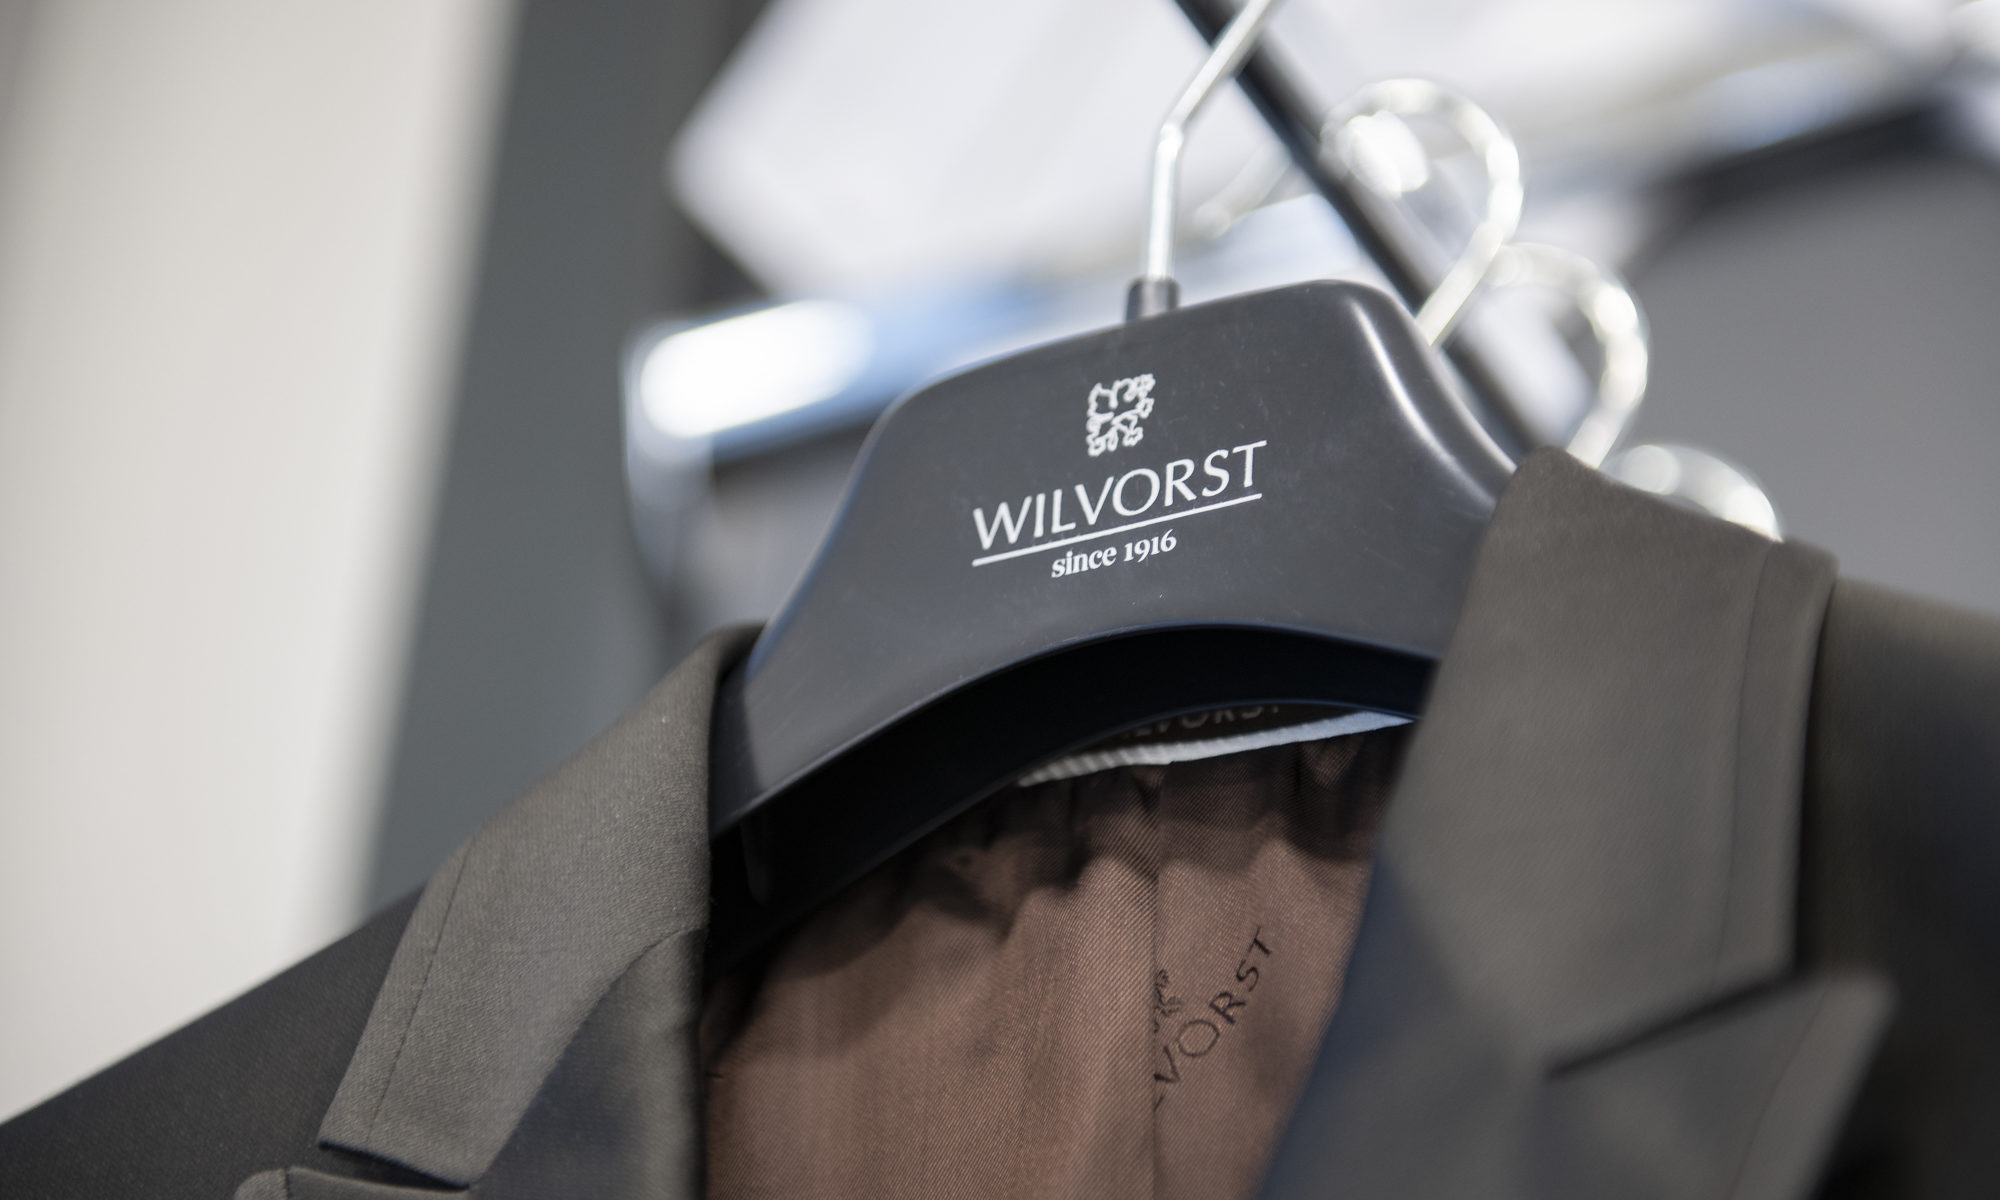 Hochzeitsanzug von Wilvorst bei Betschart Herrenmode